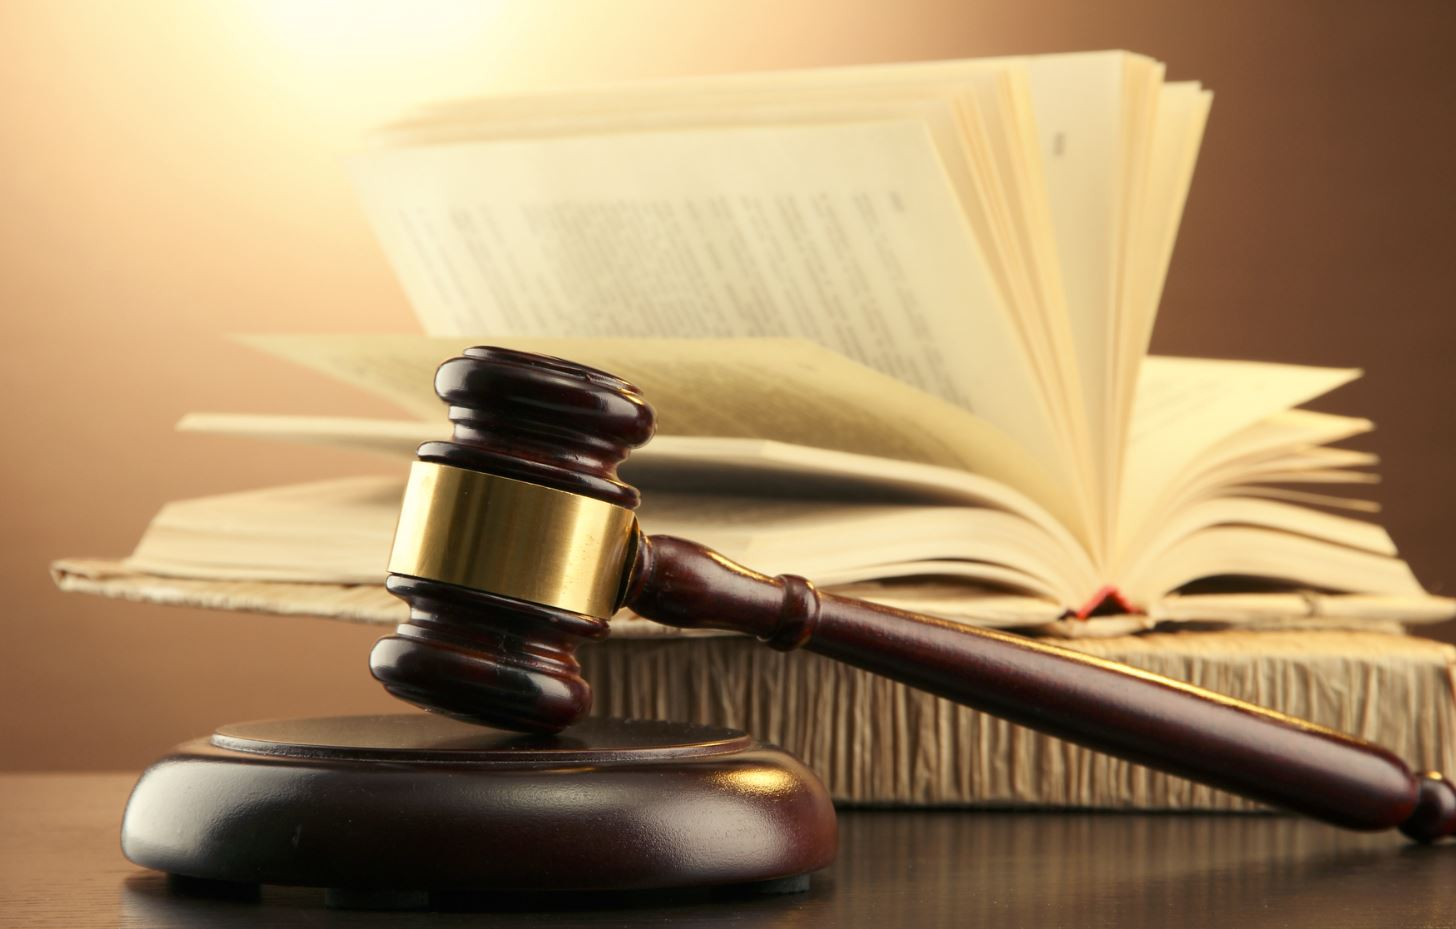 Образец Апелляционной жалобы в суд, как написать. Примеры